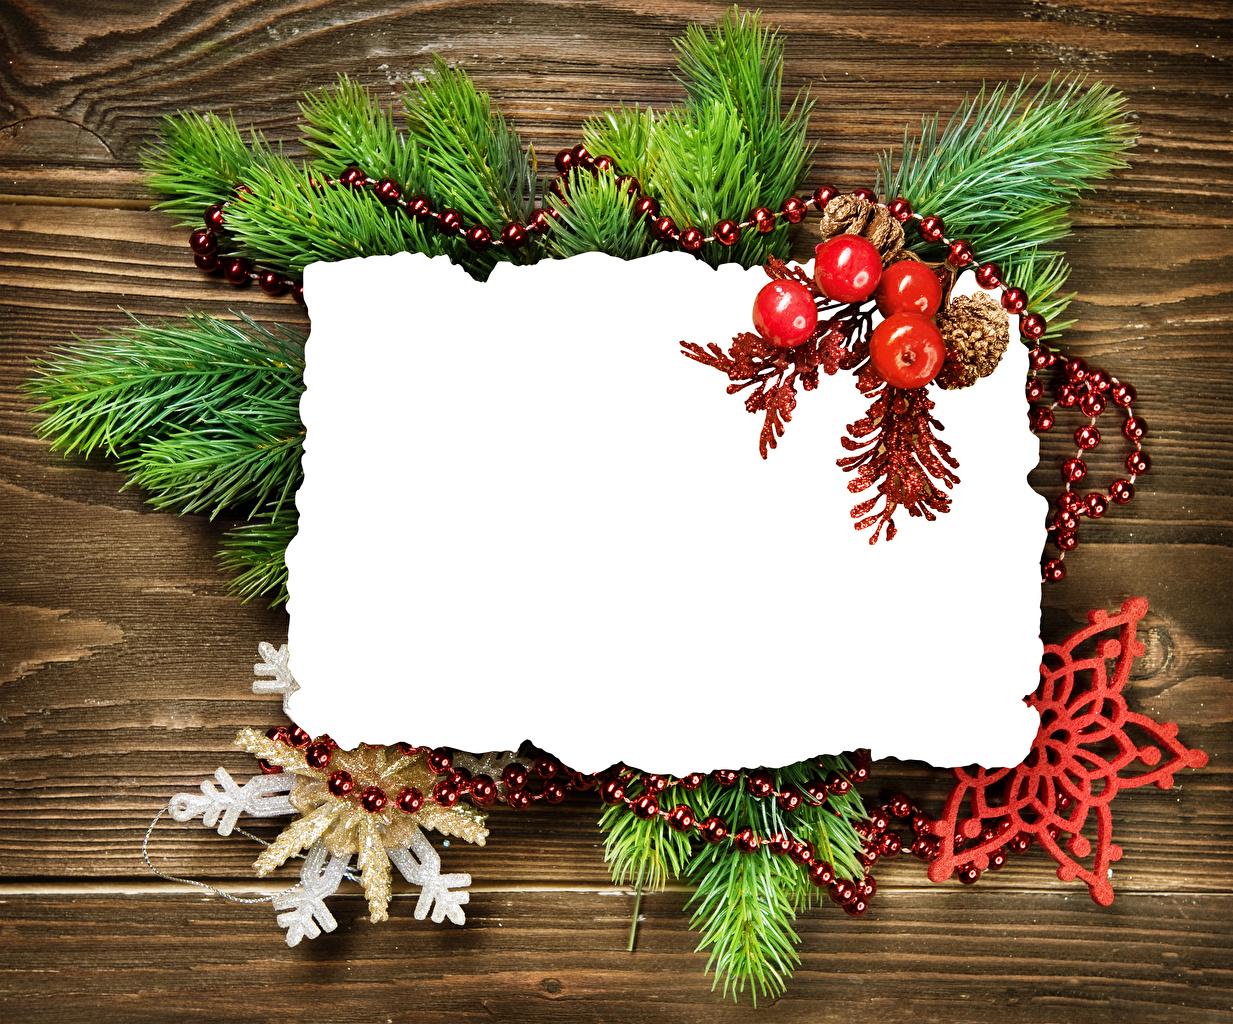 Обои для рабочего стола Рождество Снежинки Ягоды ветвь Шаблон поздравительной открытки Новый год снежинка Ветки ветка на ветке